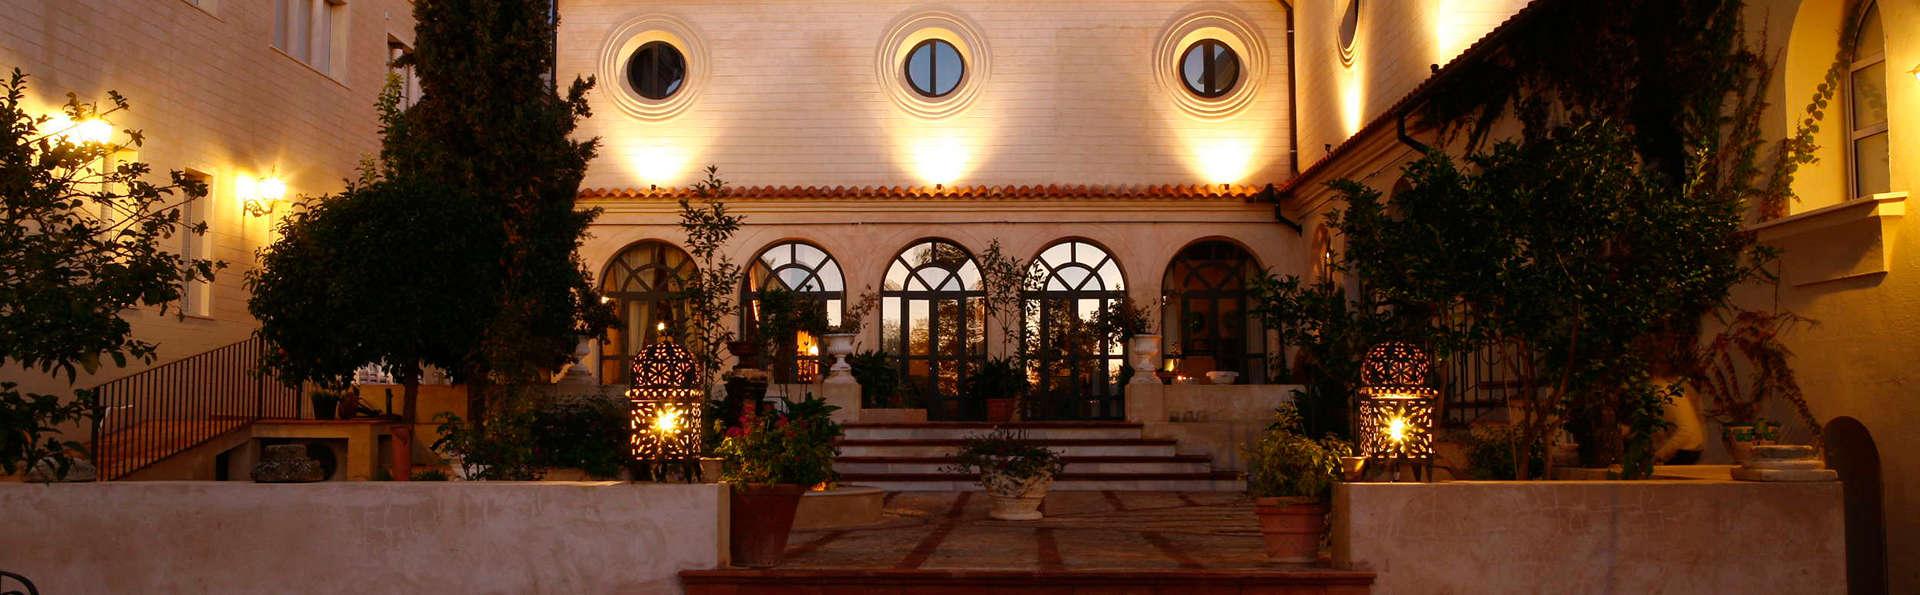 Hotel La Posada Del Moro - EDIT_front1.jpg